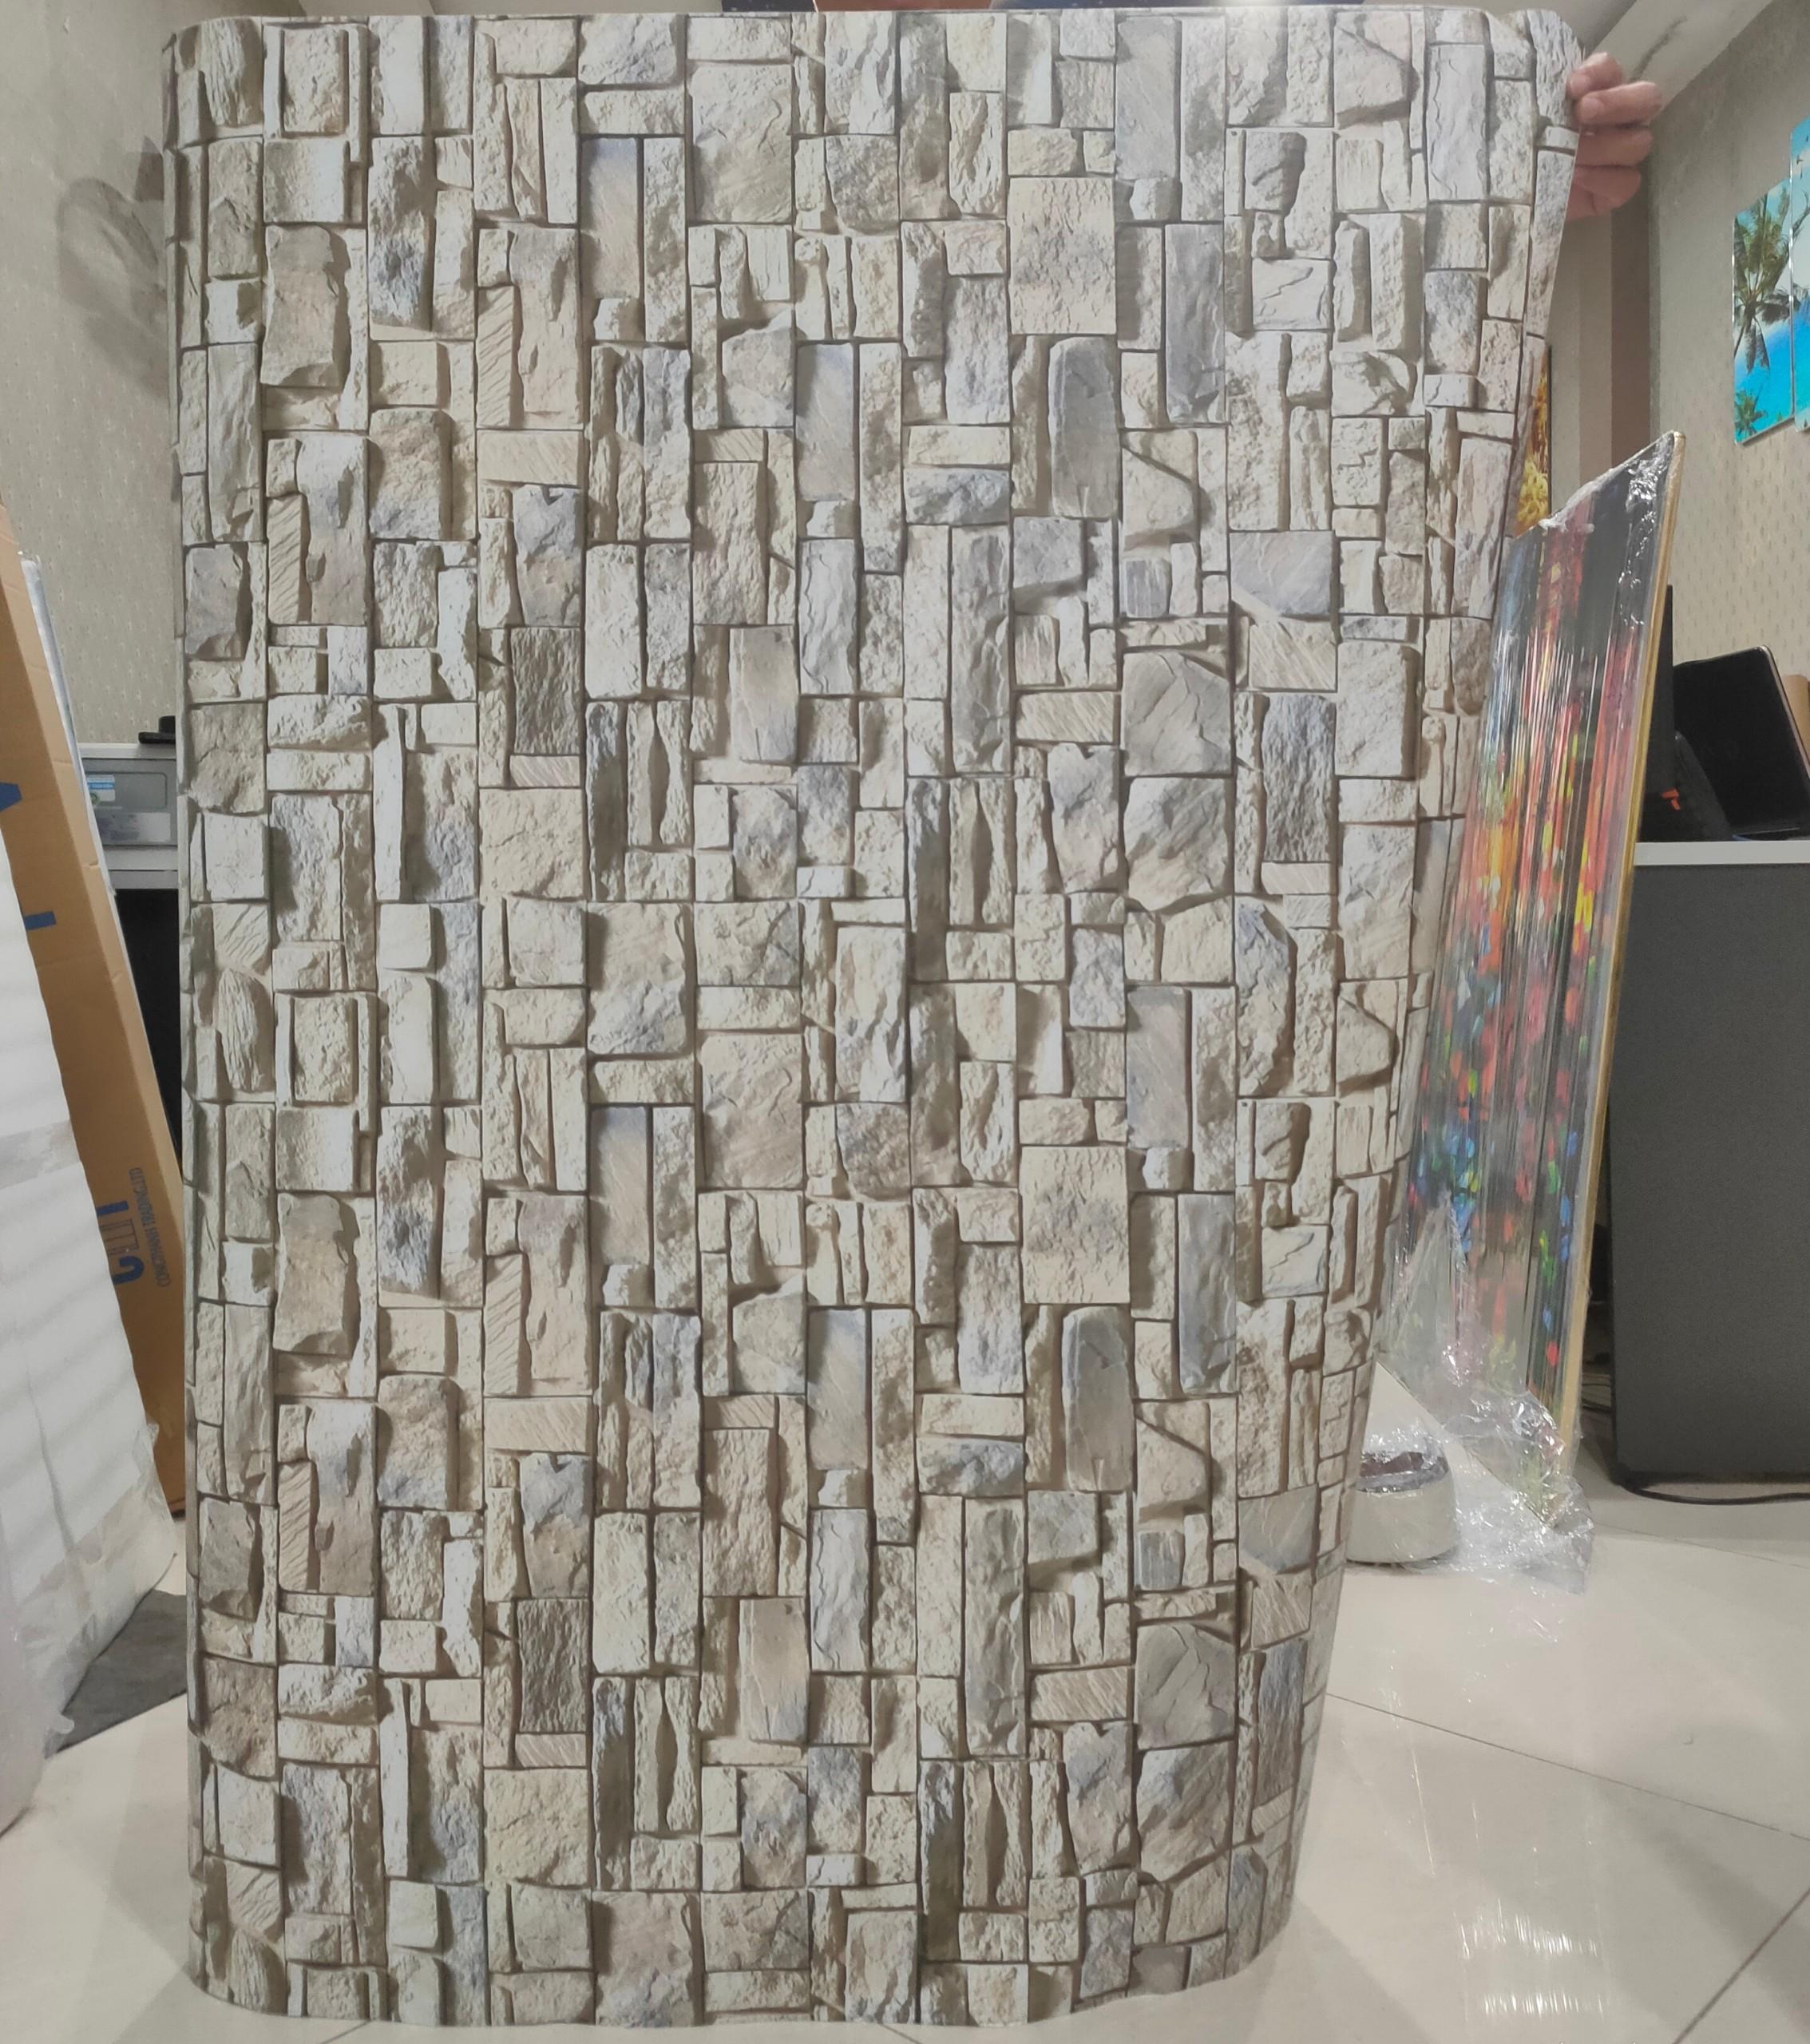 Giấy dán tường - Decal dán tường giả gạch màu ghi